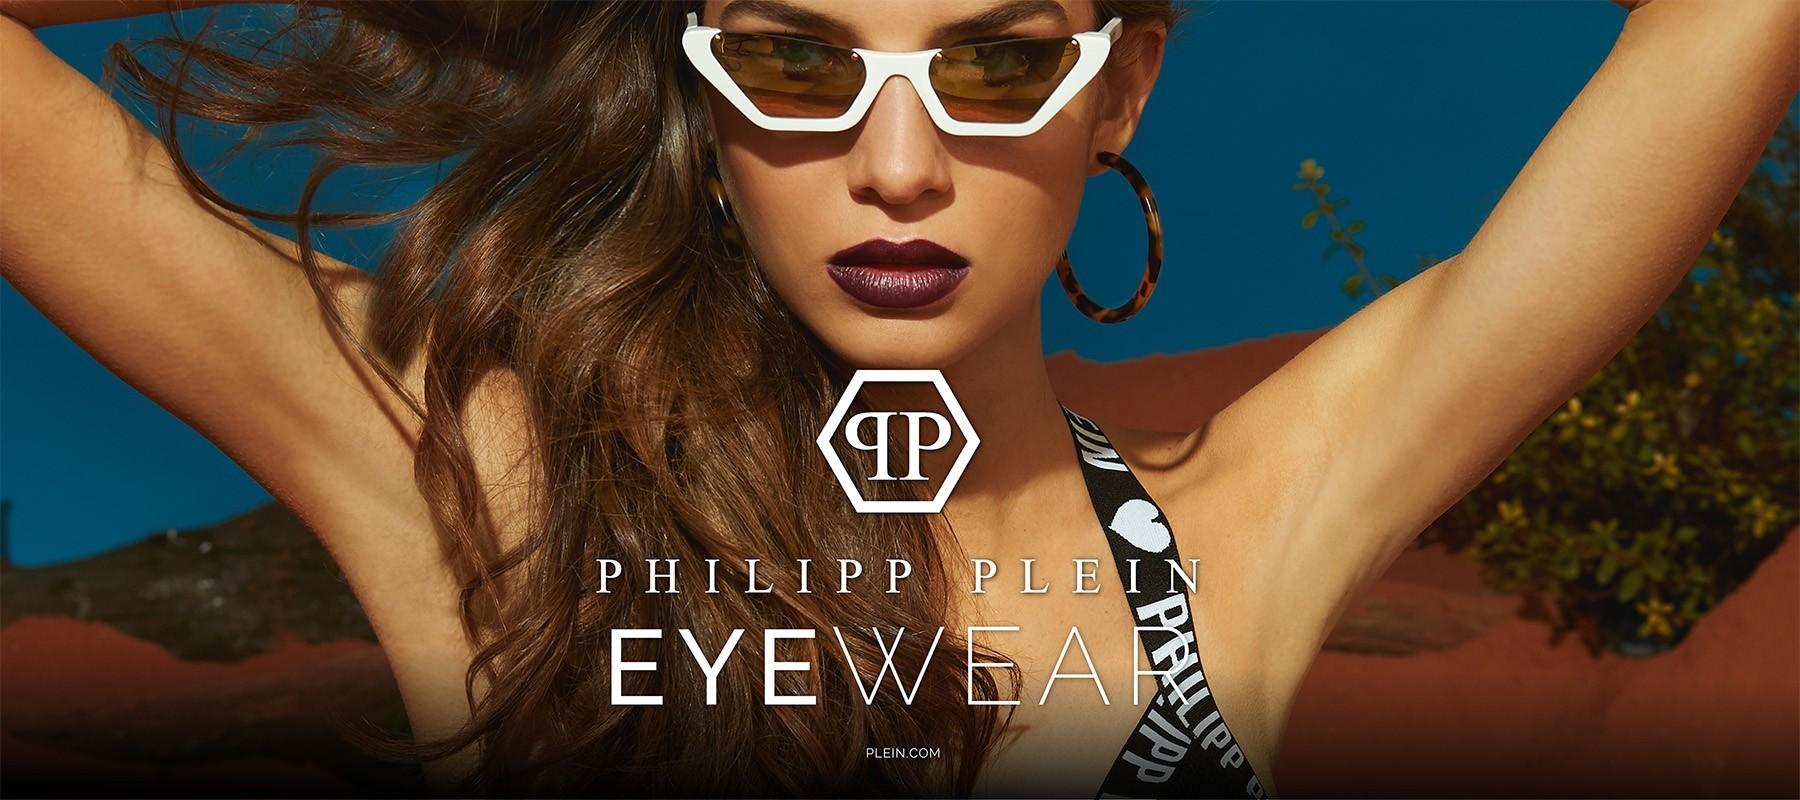 Blaues Foto mit Philipp Plein Logo und einer Nahaufnahme von einem weiblichen Model mit weißer Sonnenbrille und langen Haaren.